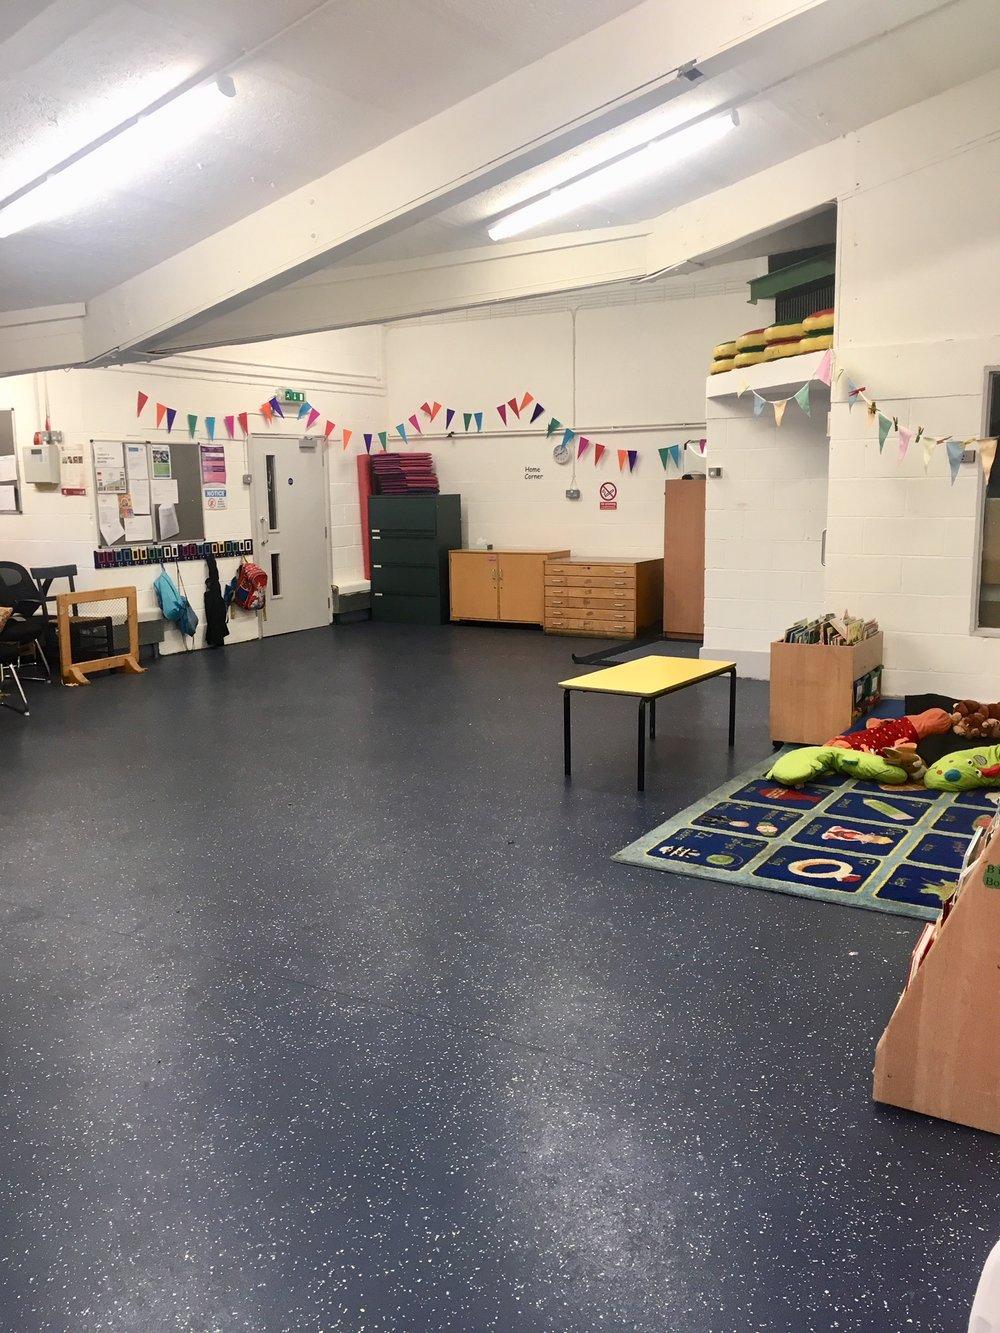 Venue hire hammersmith pre-school.JPG